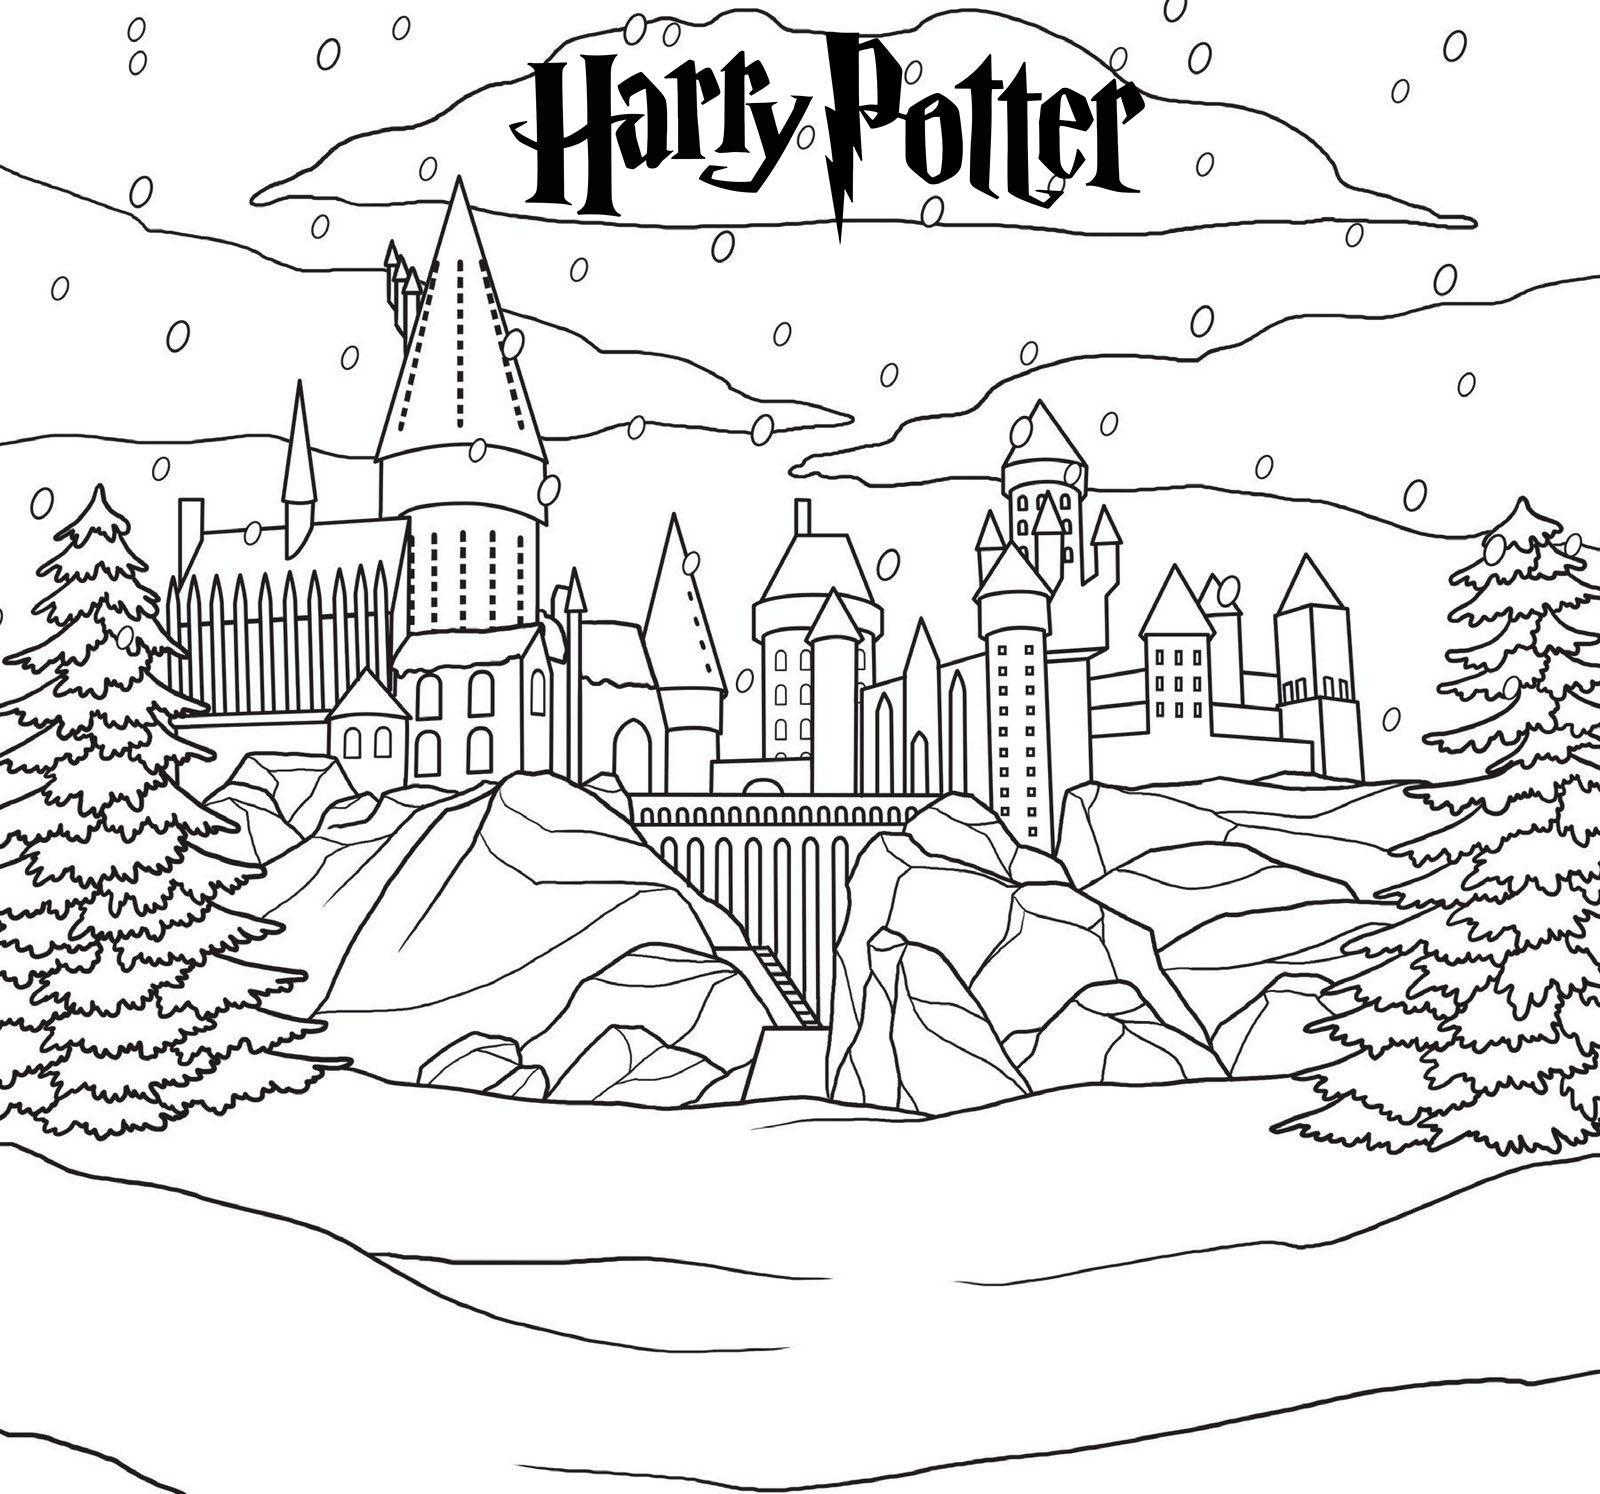 Harry Potter Hogwarts Castle In Winter Coloring Page Harry Potter Colors Harry Potter Coloring Pages Harry Potter Coloring Book